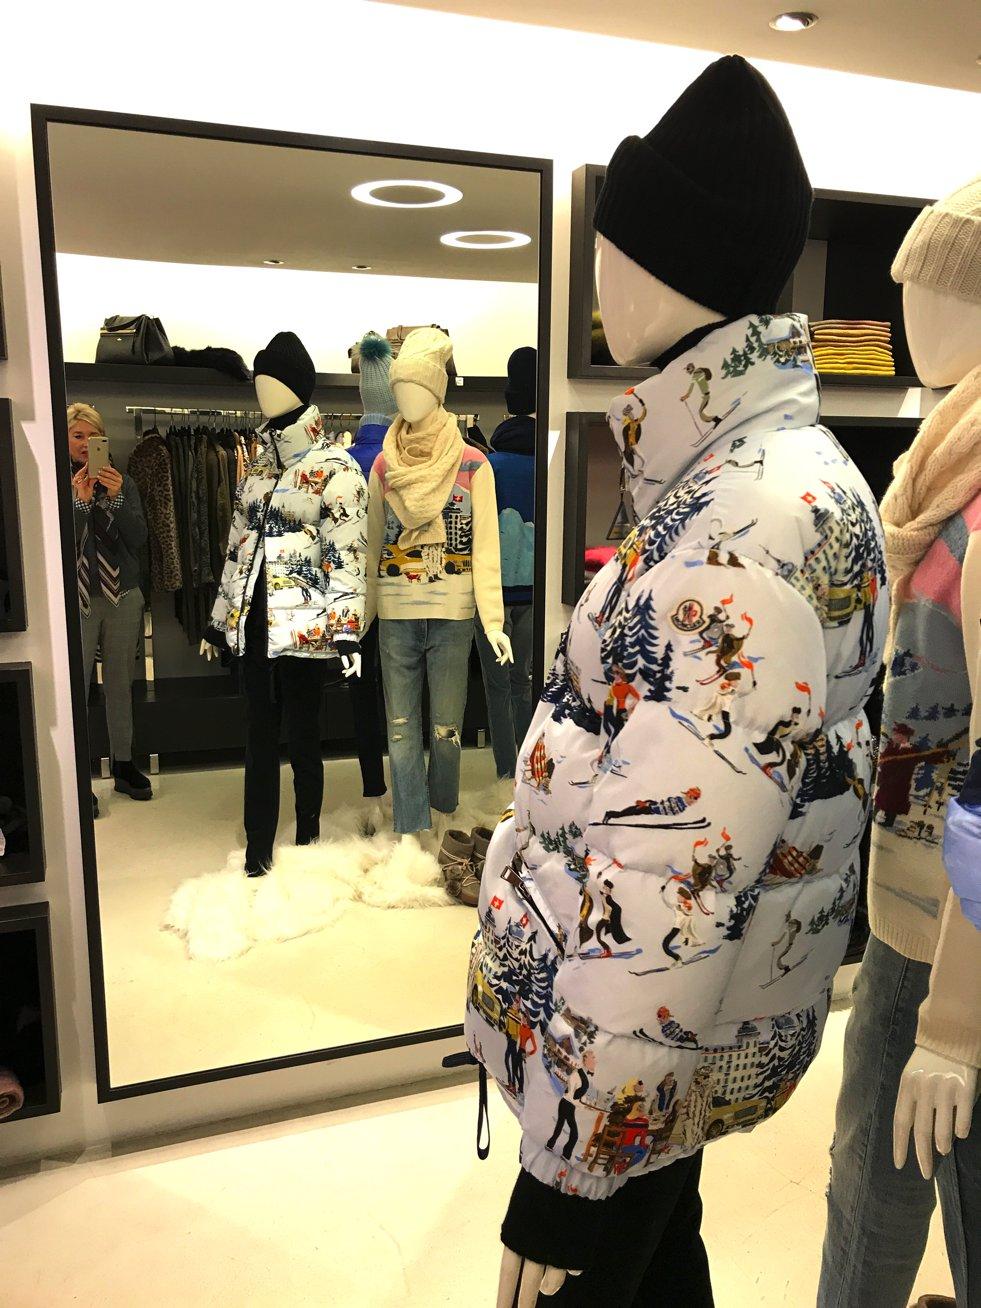 Moncler Skijacke, Moncler Moosbrugger, Moncler Skimode, Moosbrugger Rottach-Egern, Fashion-Blog, Lieblingsstil.com,